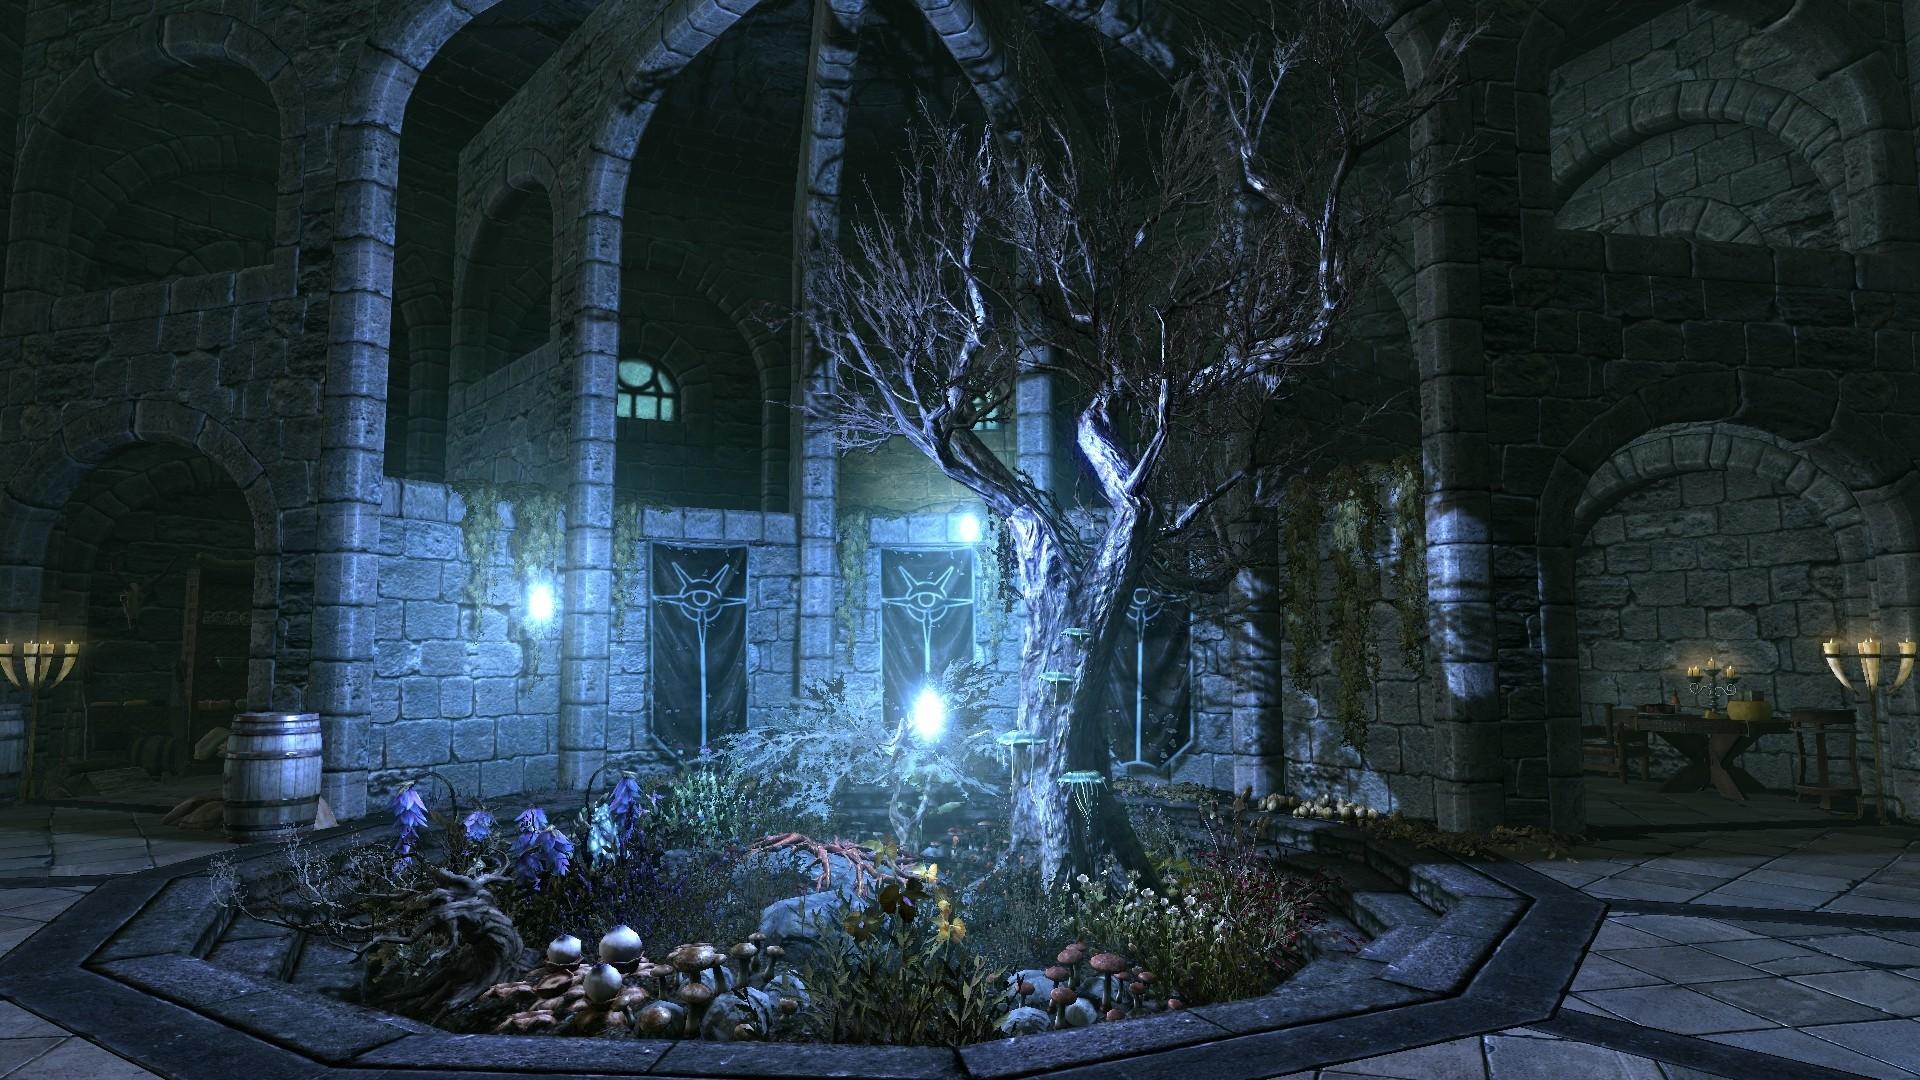 Elder Scrolls HD Wallpaper